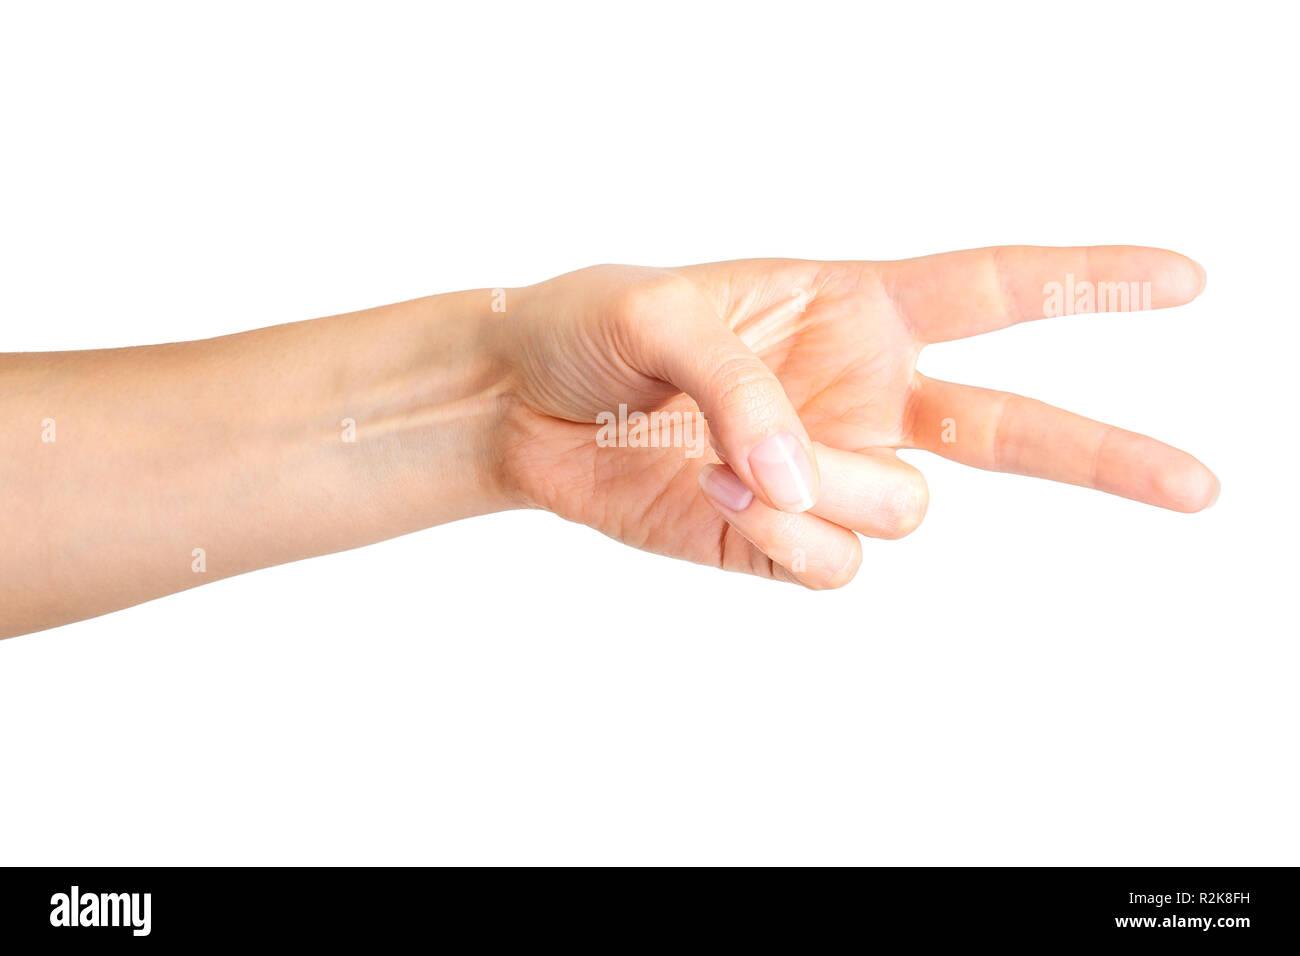 Lado femenino mostrando dos dedos en el símbolo de la paz o tijeras Imagen  De Stock e45bc208a225